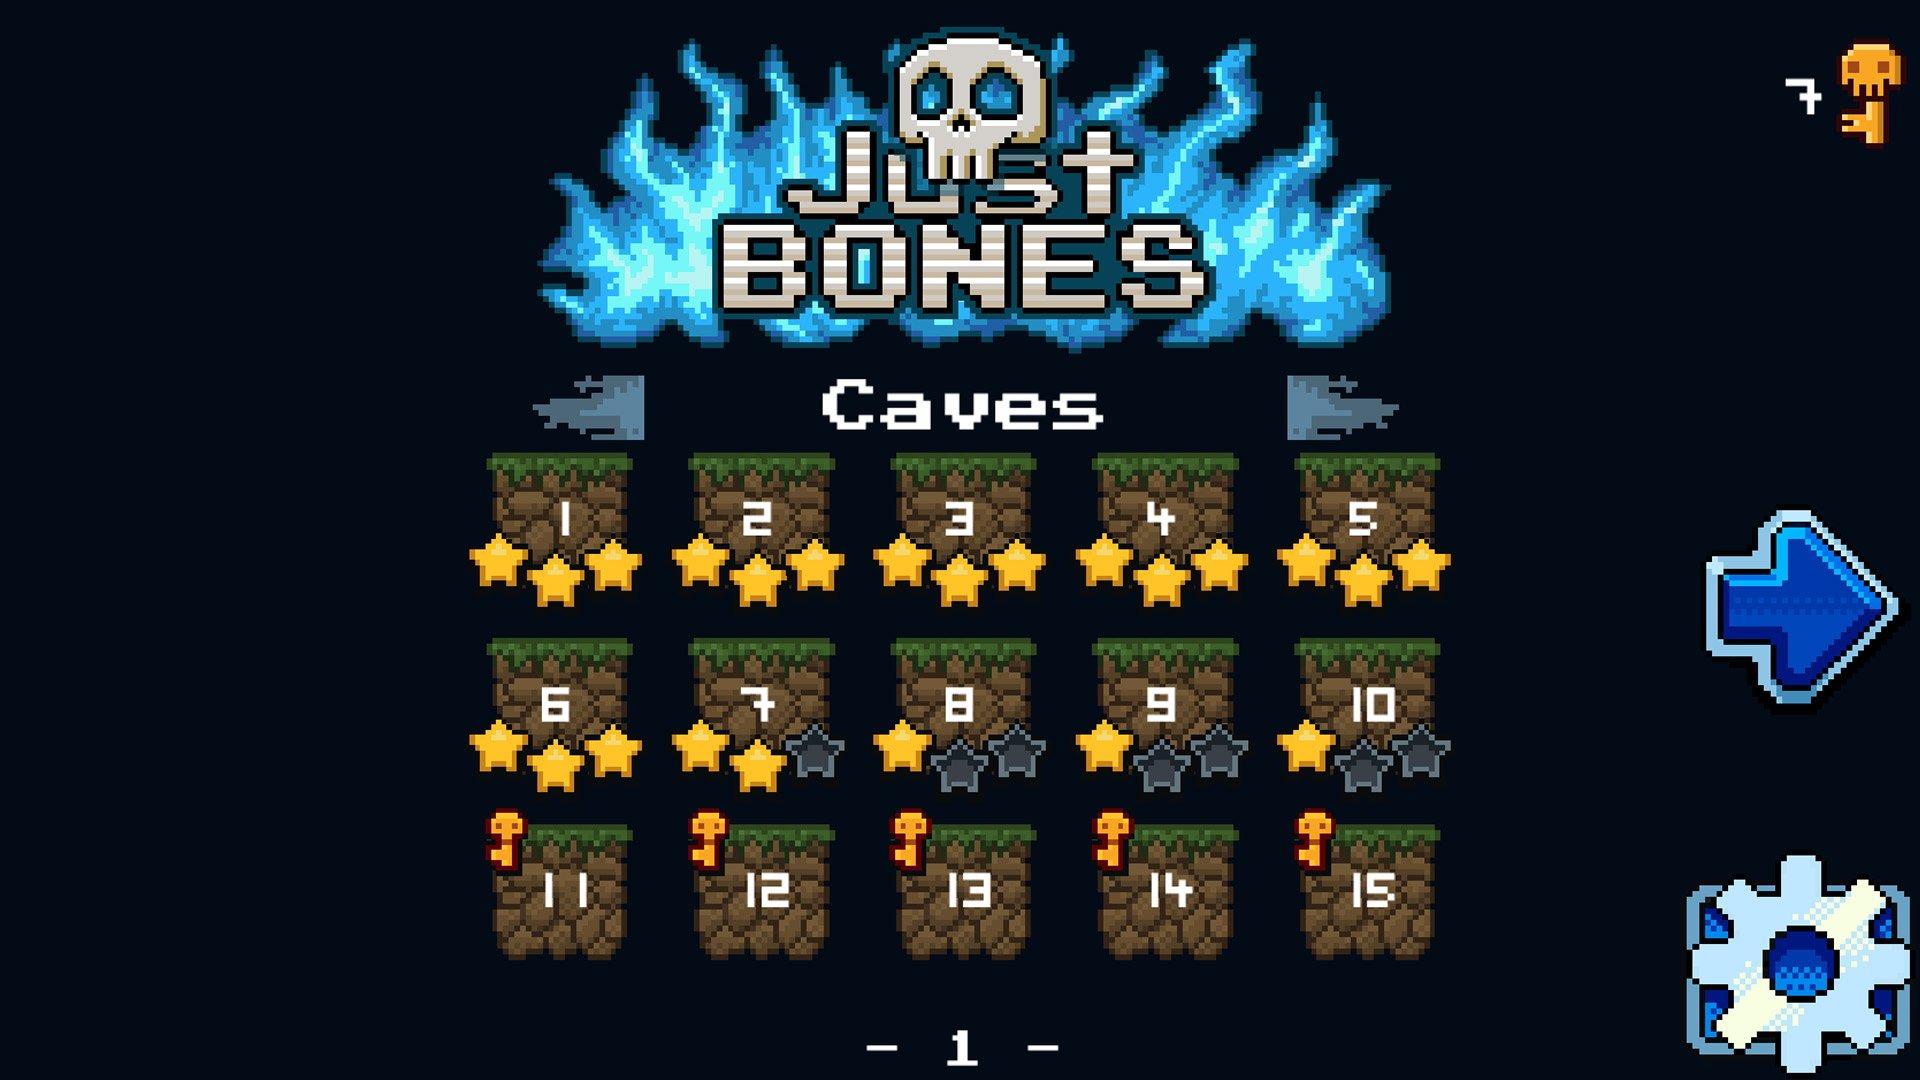 Собирая кости: в Steam вышел интересный харкдор-плафтормер Just Bones . - Изображение 5